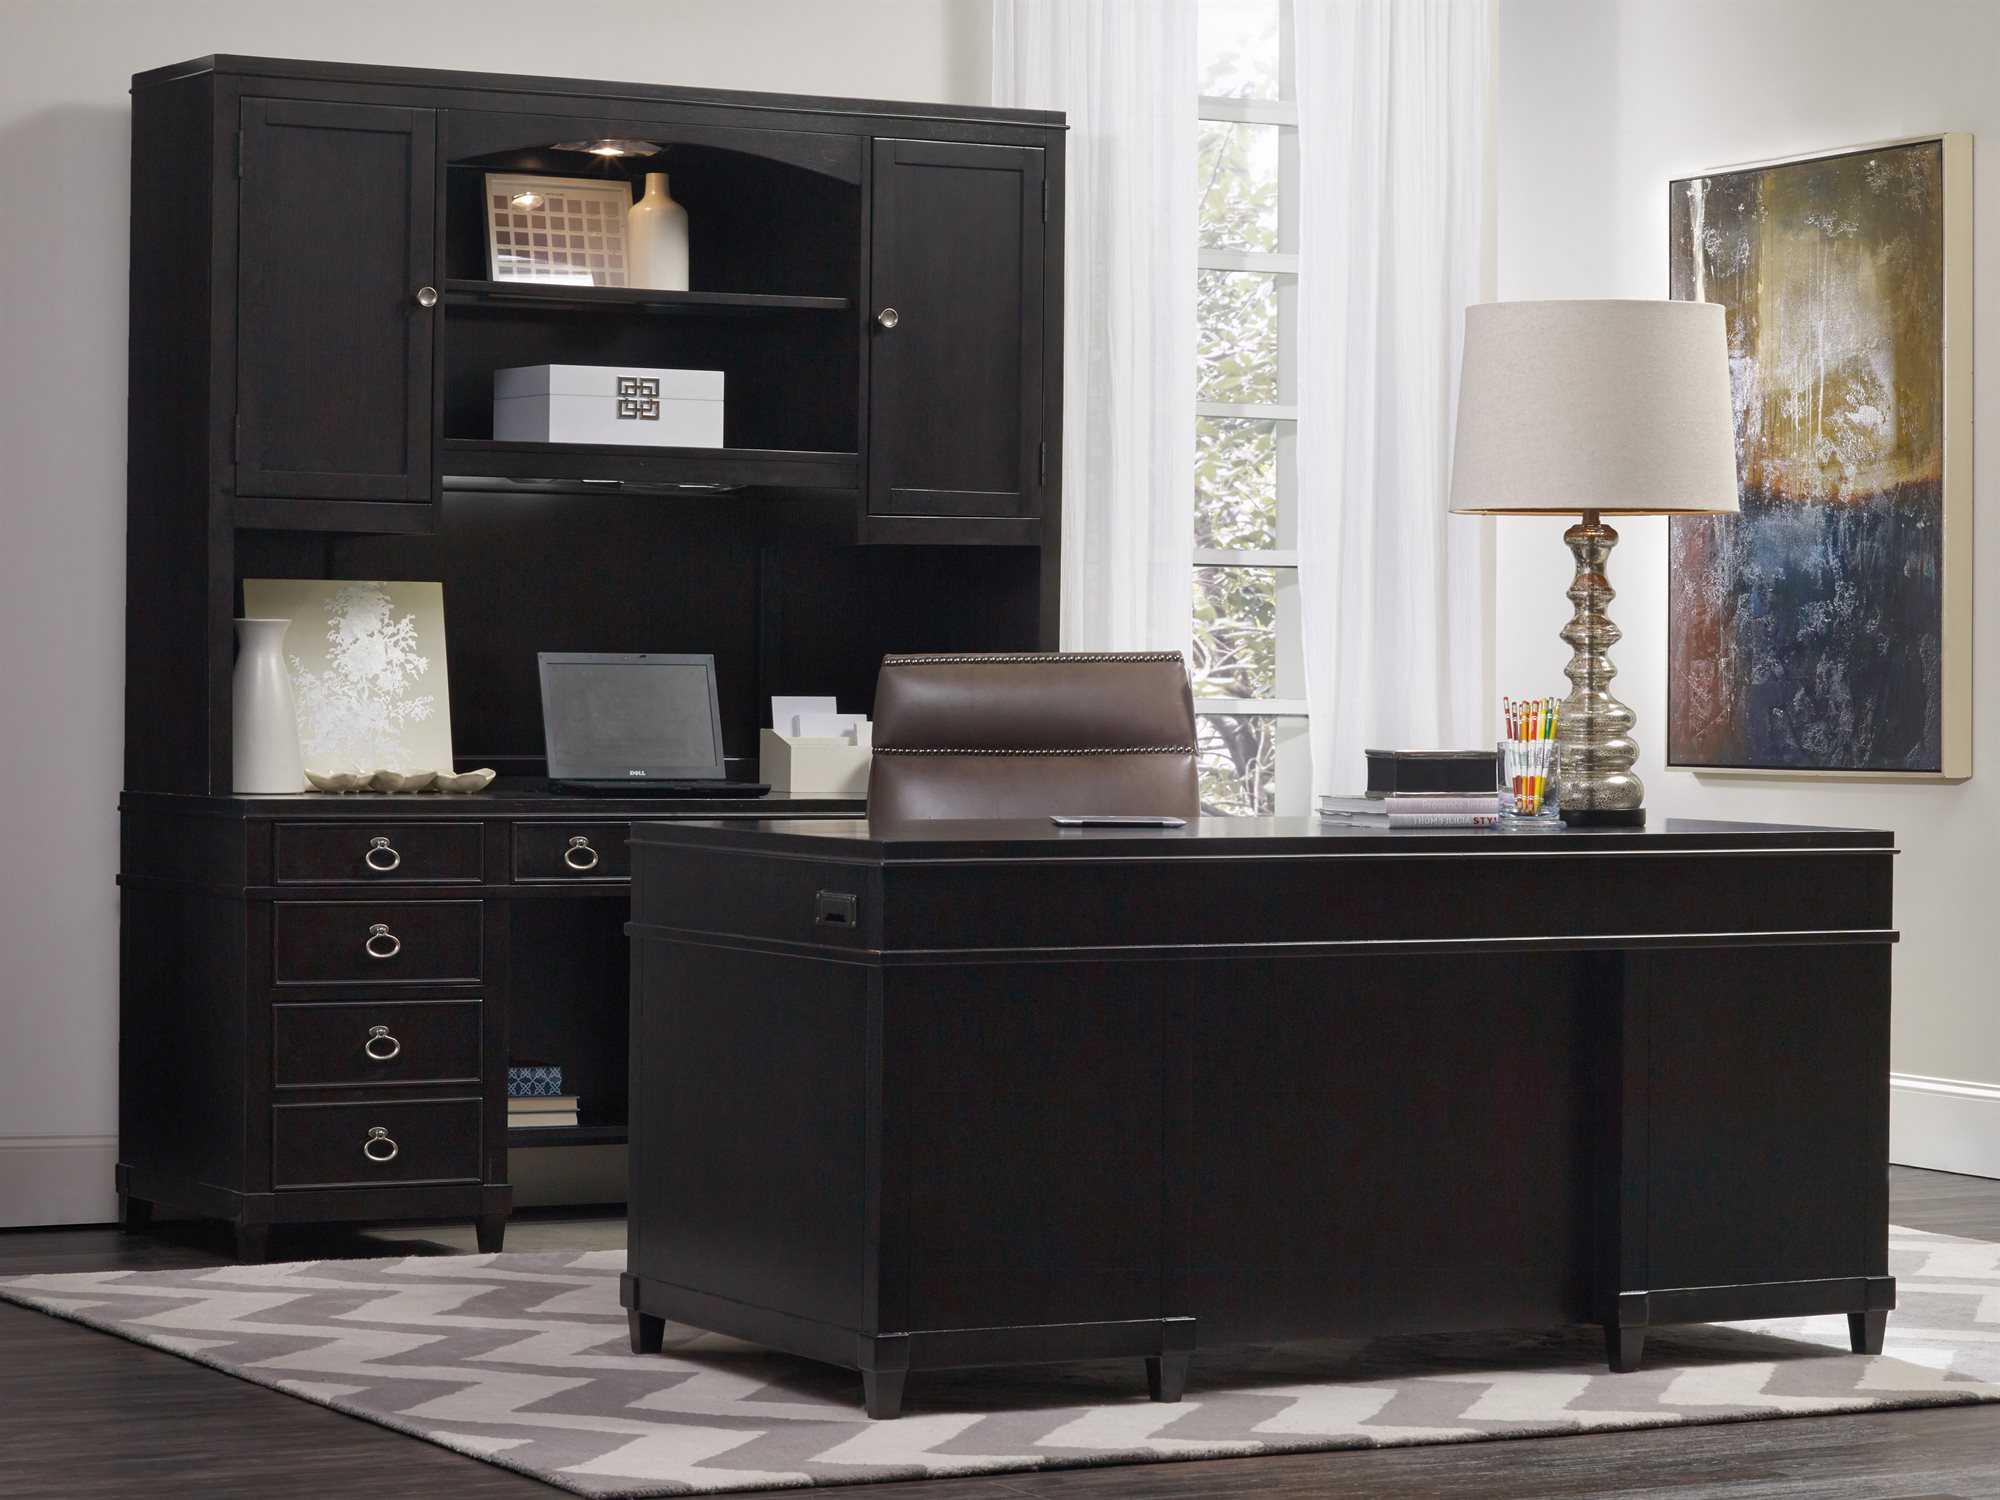 Hooker Furniture Kendrick Dark Wood 66 L X 32 W